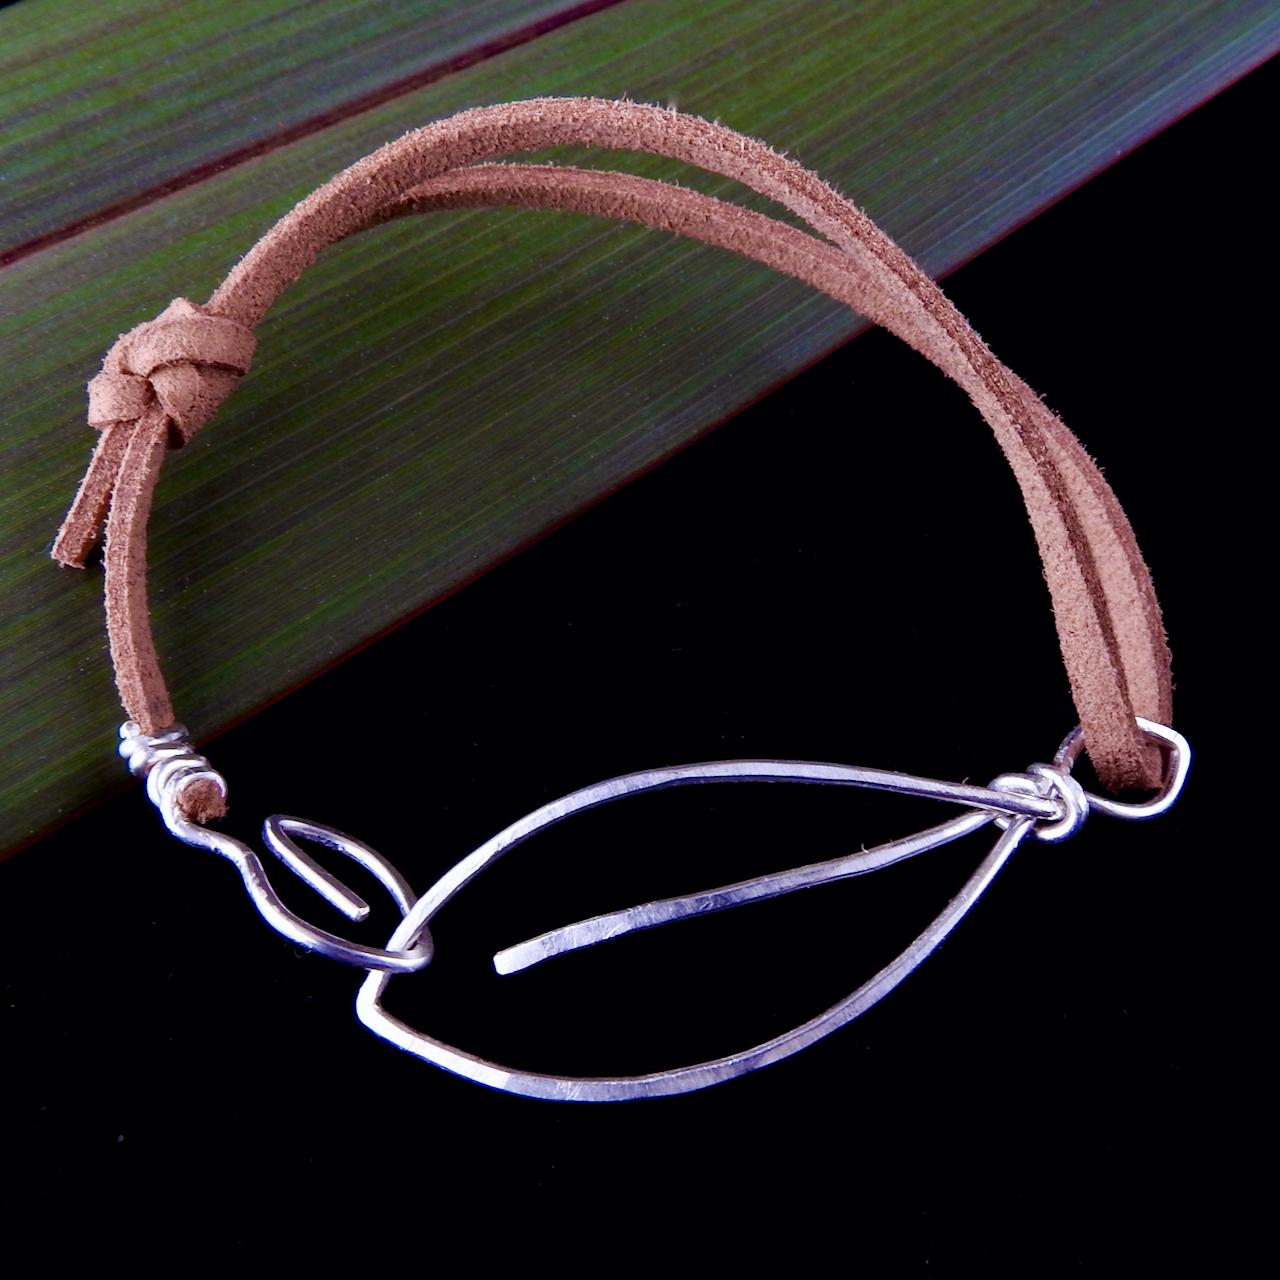 Bracelet_Mens 2 Leaf Eco Silver and suede bracelet with slip knot